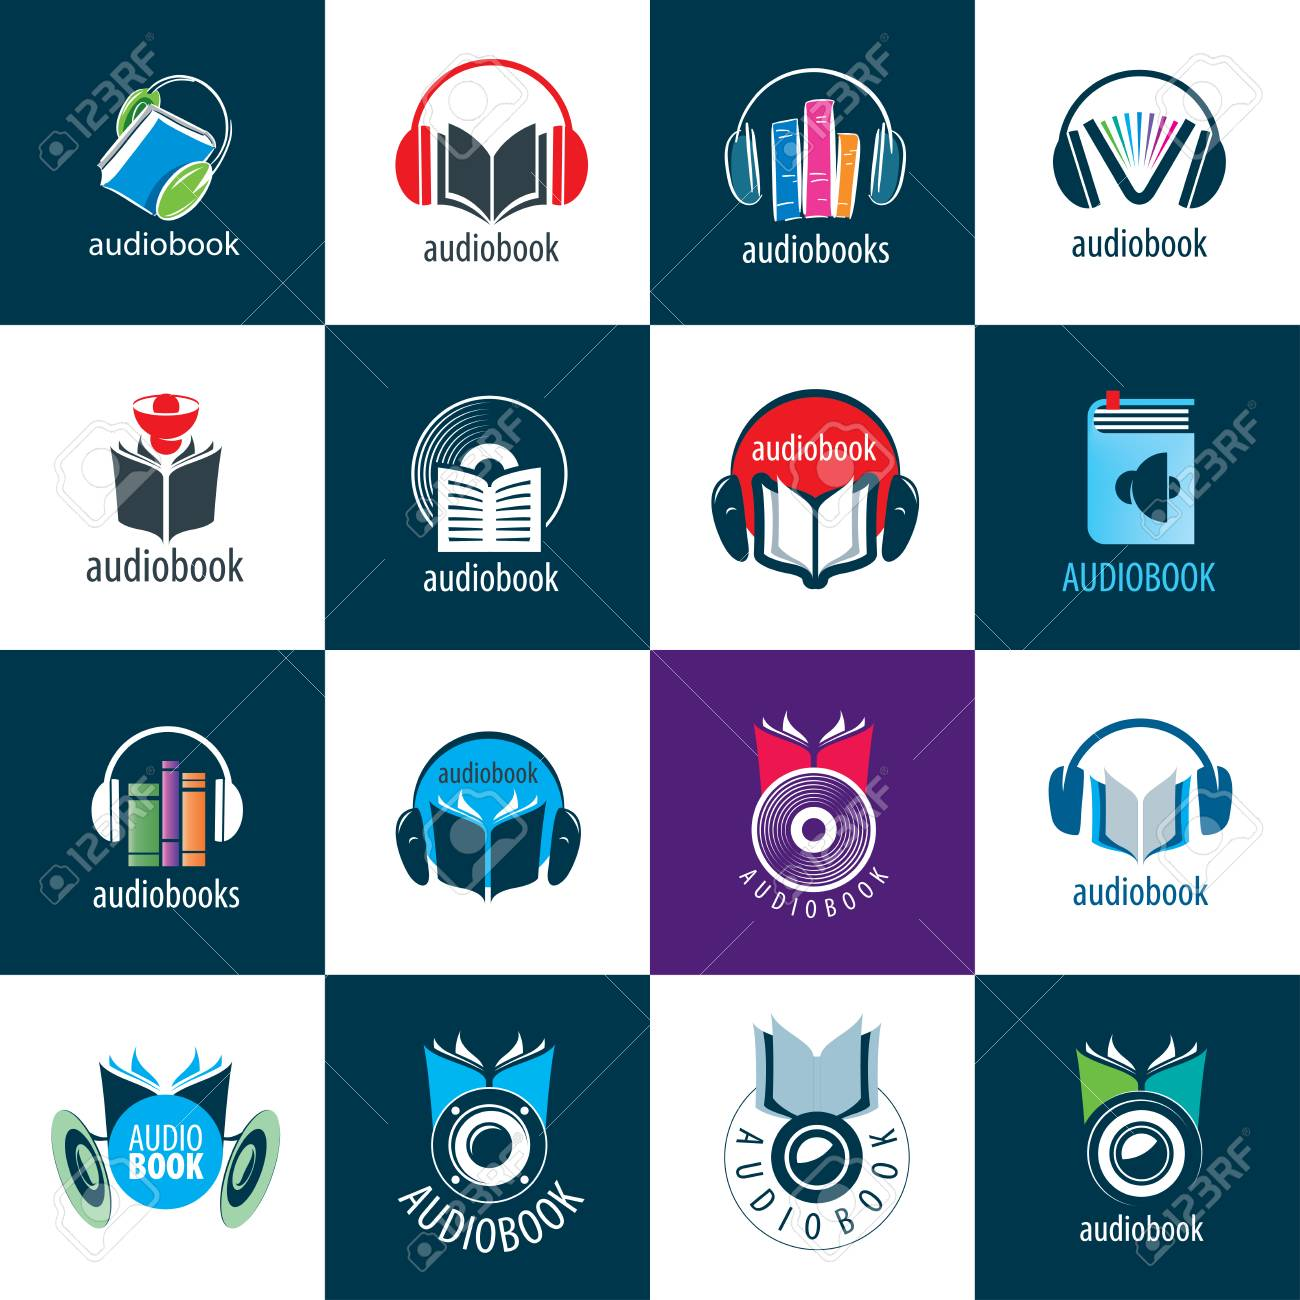 Livre Audio Modele De Logo Vectoriel